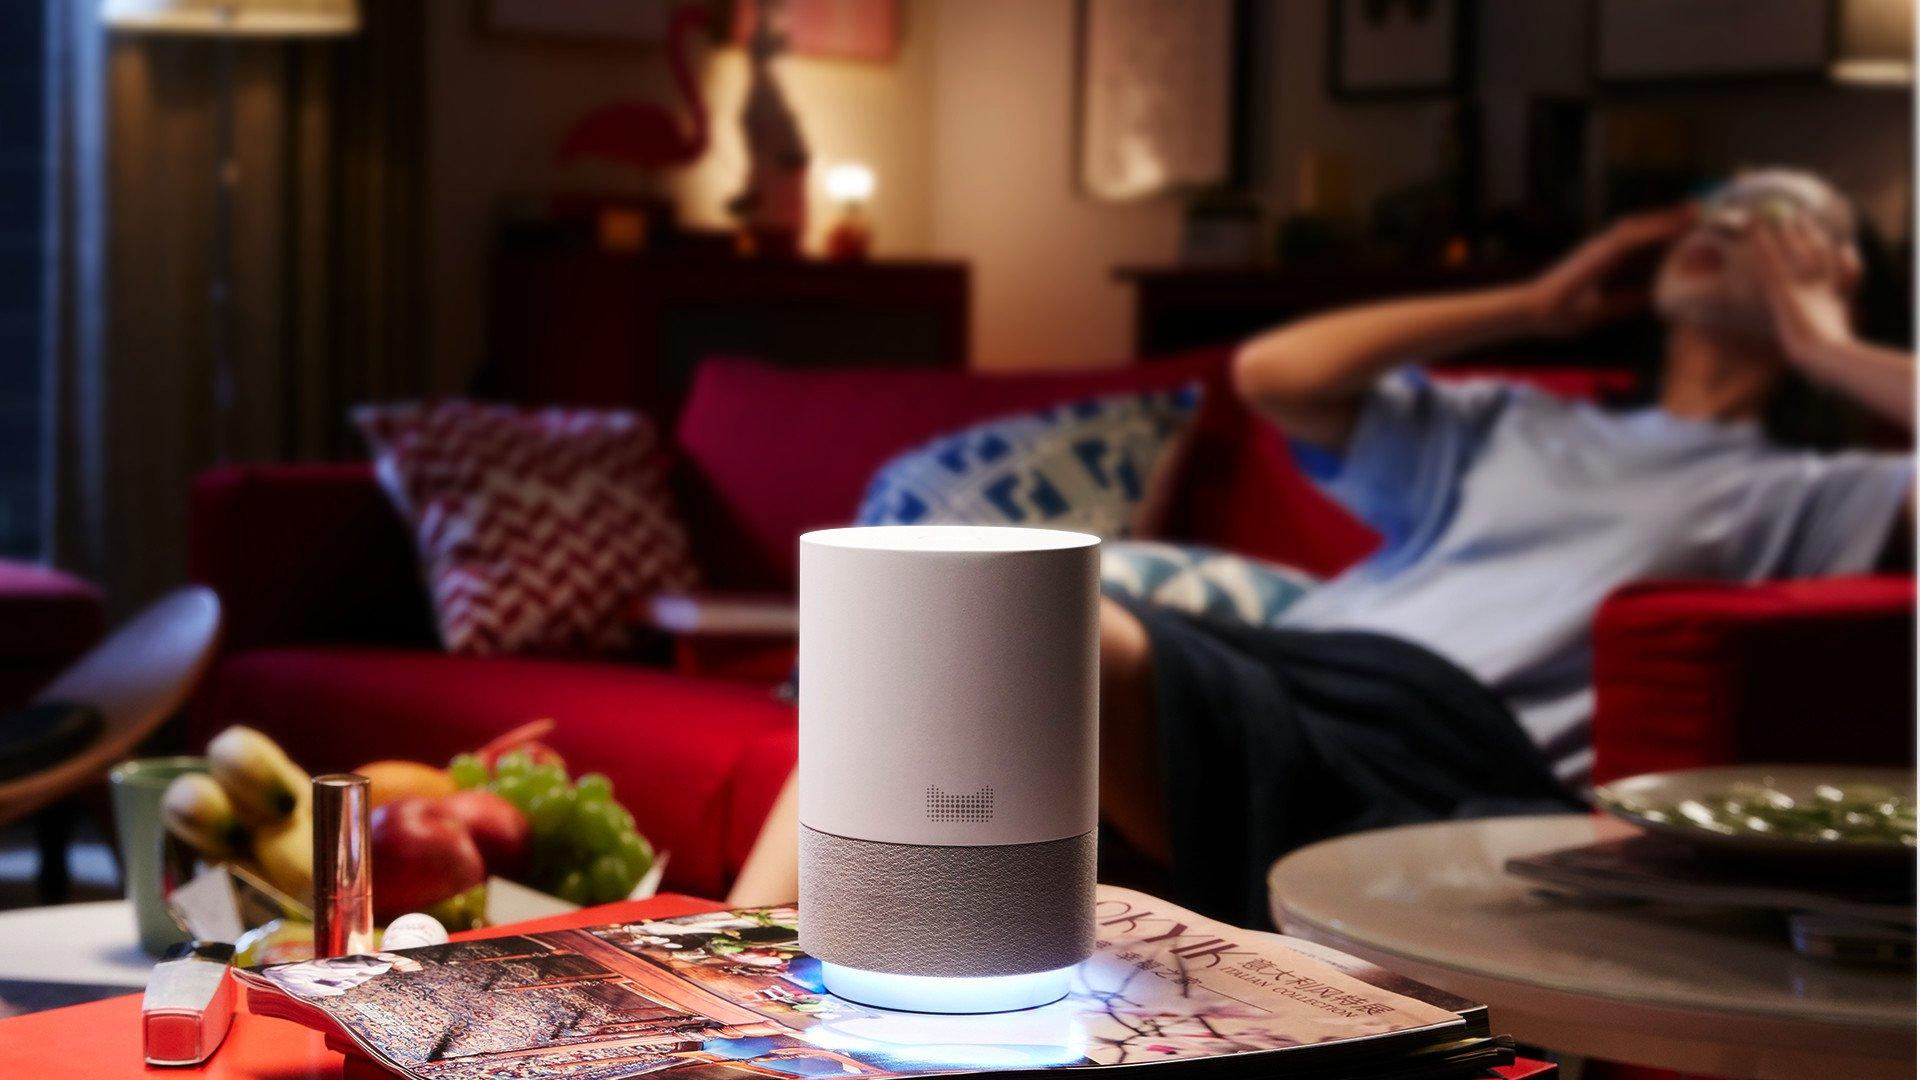 Tmall Genie White Alibaba Takes On Amazon With Smart Speaker